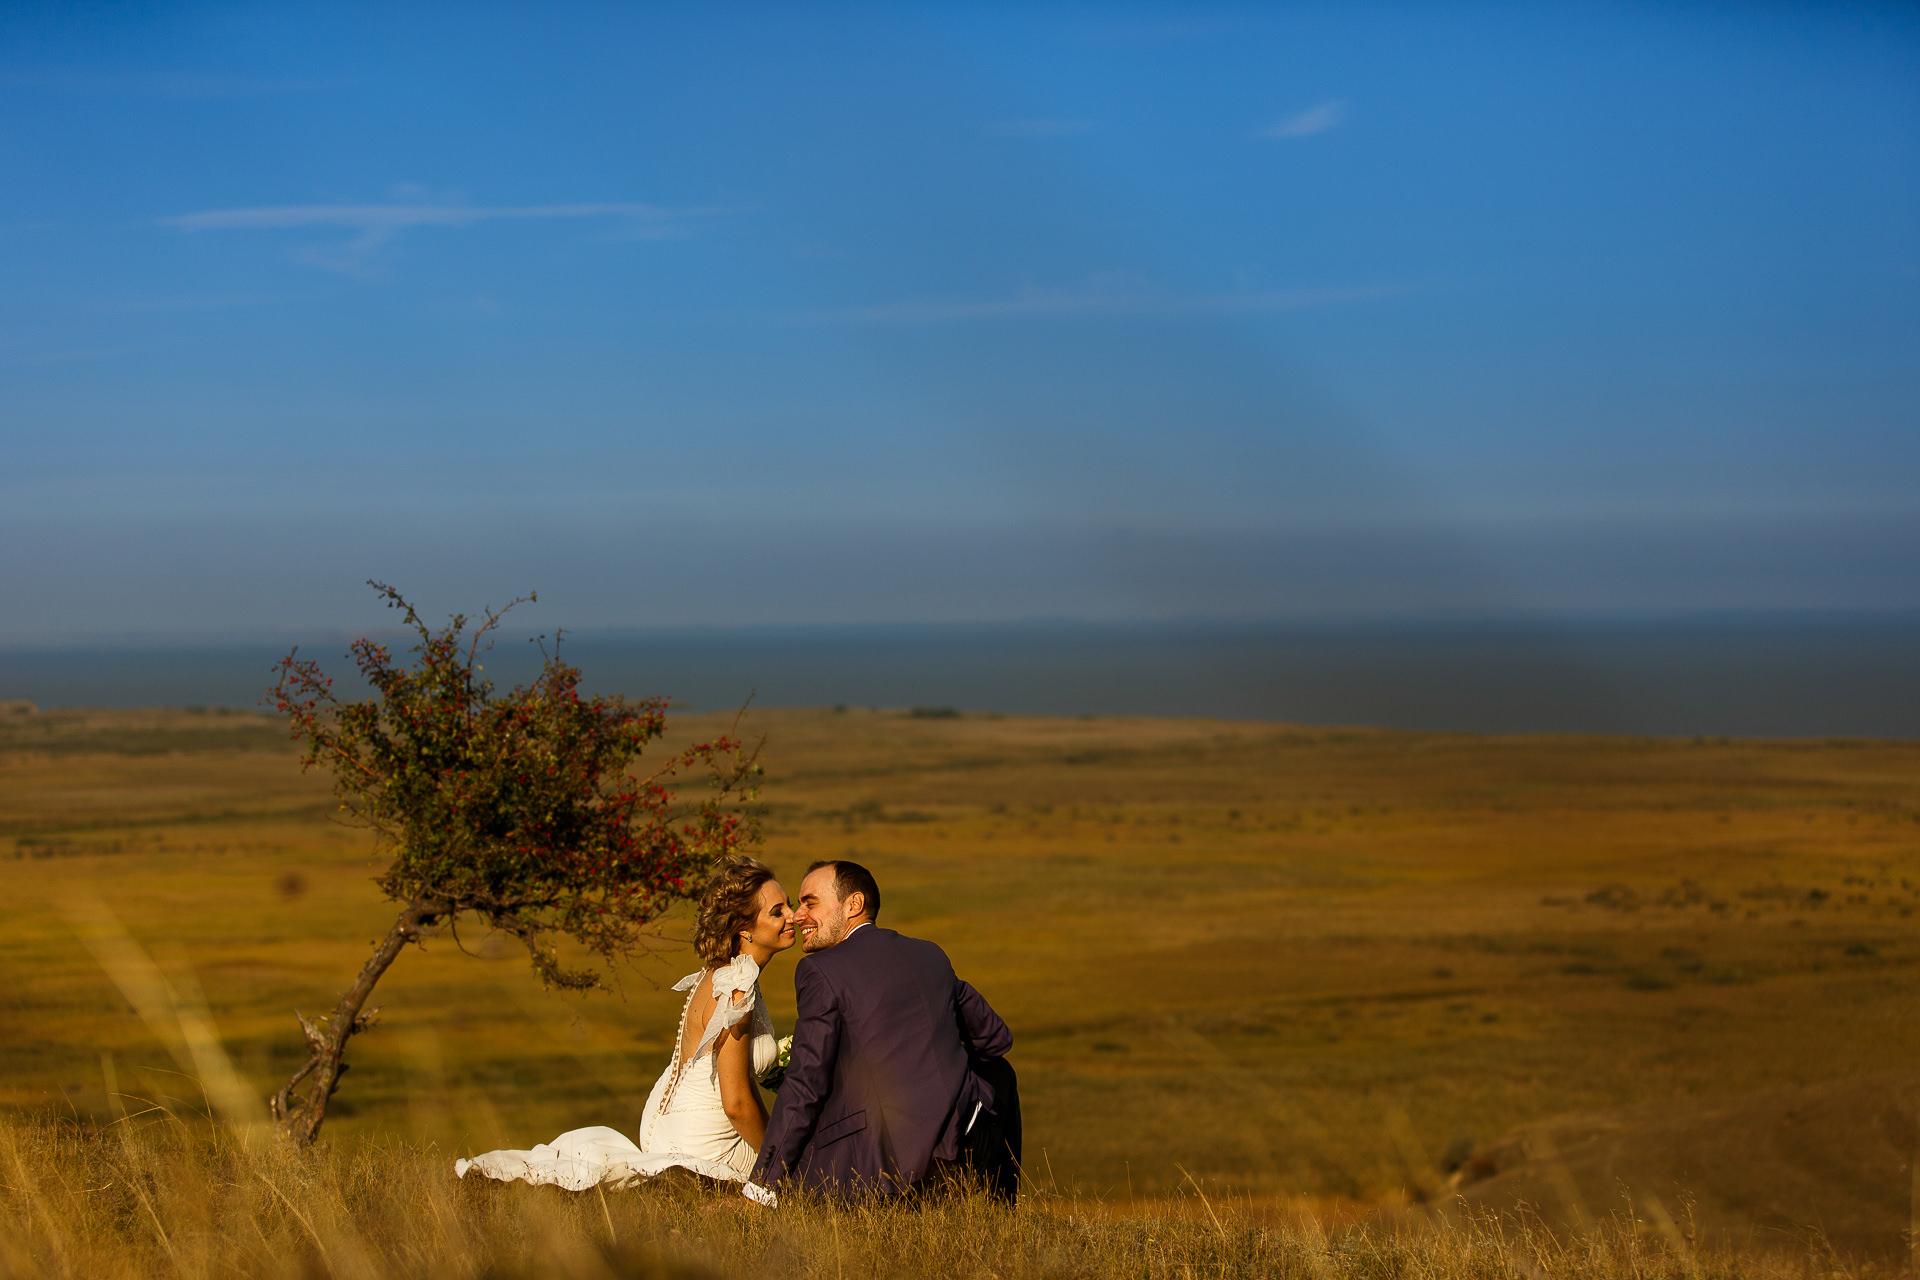 Şedinţă foto Trash The Dress - după nuntă la Cetatea Enisala, Tulcea - România - cu Mihaela şi Octavian - Mihai Zaharia Photography - 11